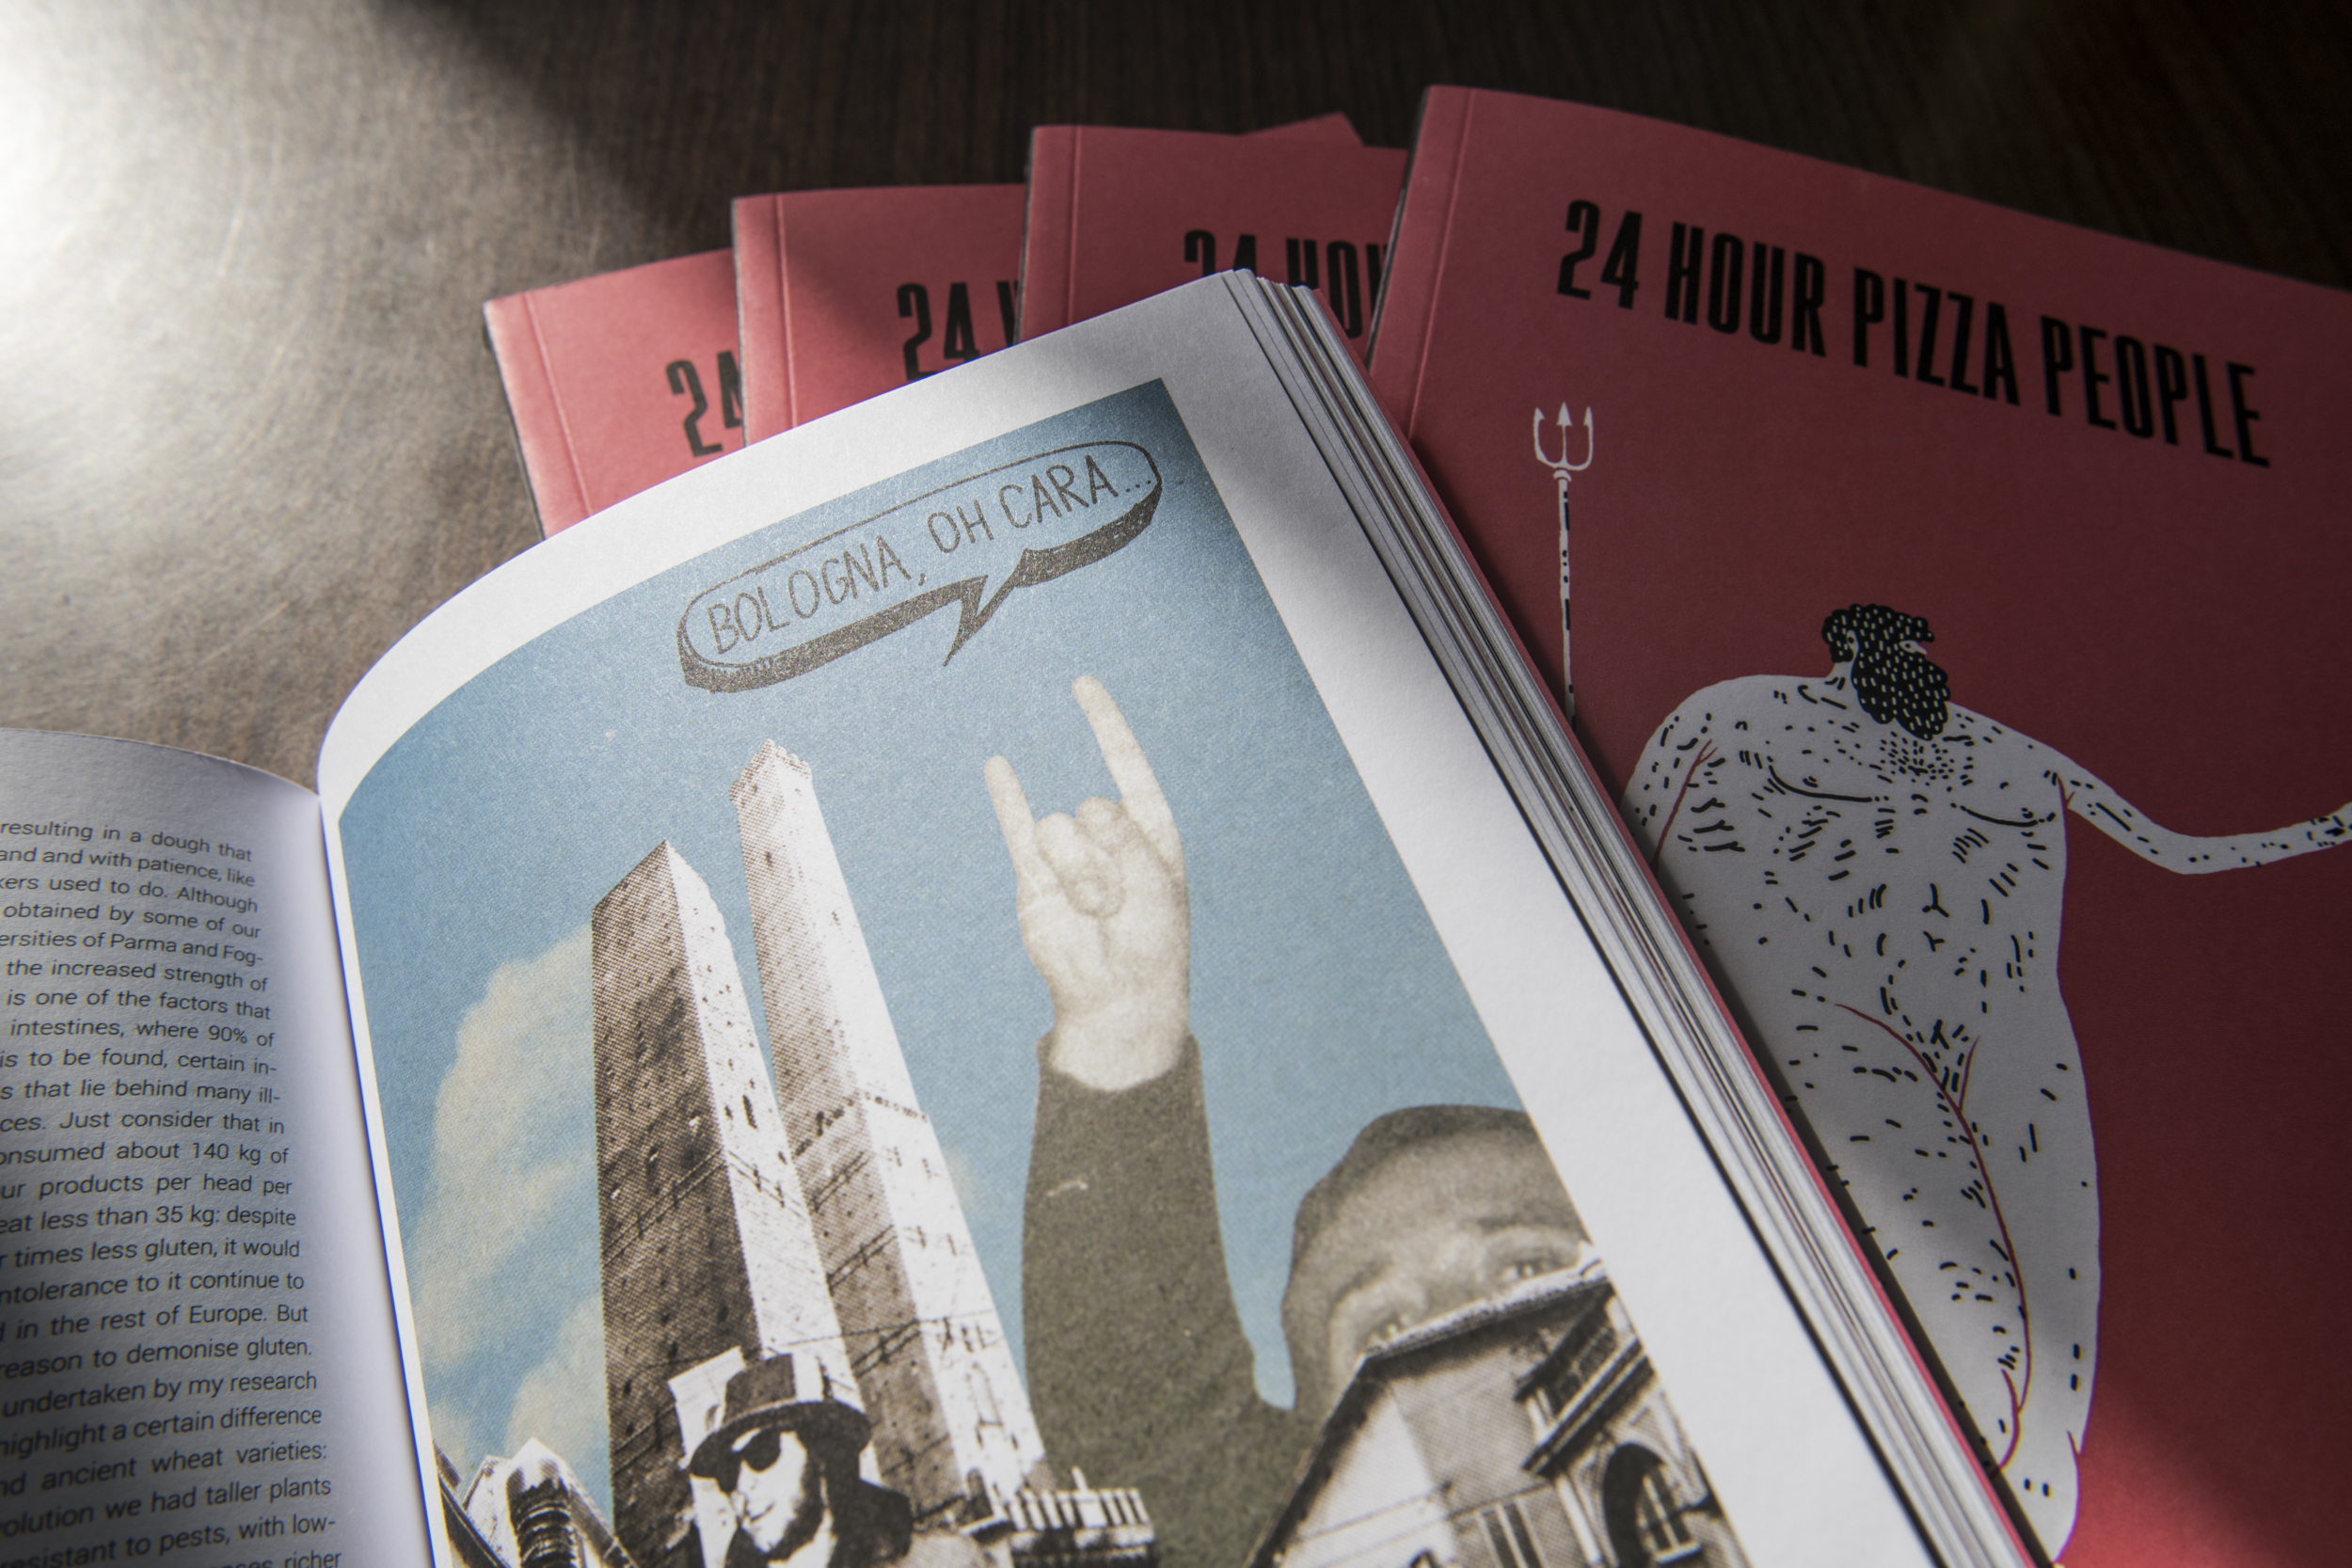 24 HOUR PIZZA PEOPLE - MAGAZINE - BOLOGNA - PREZZO SPECIALE 10 EURO (prezzo copertina 15 euro)